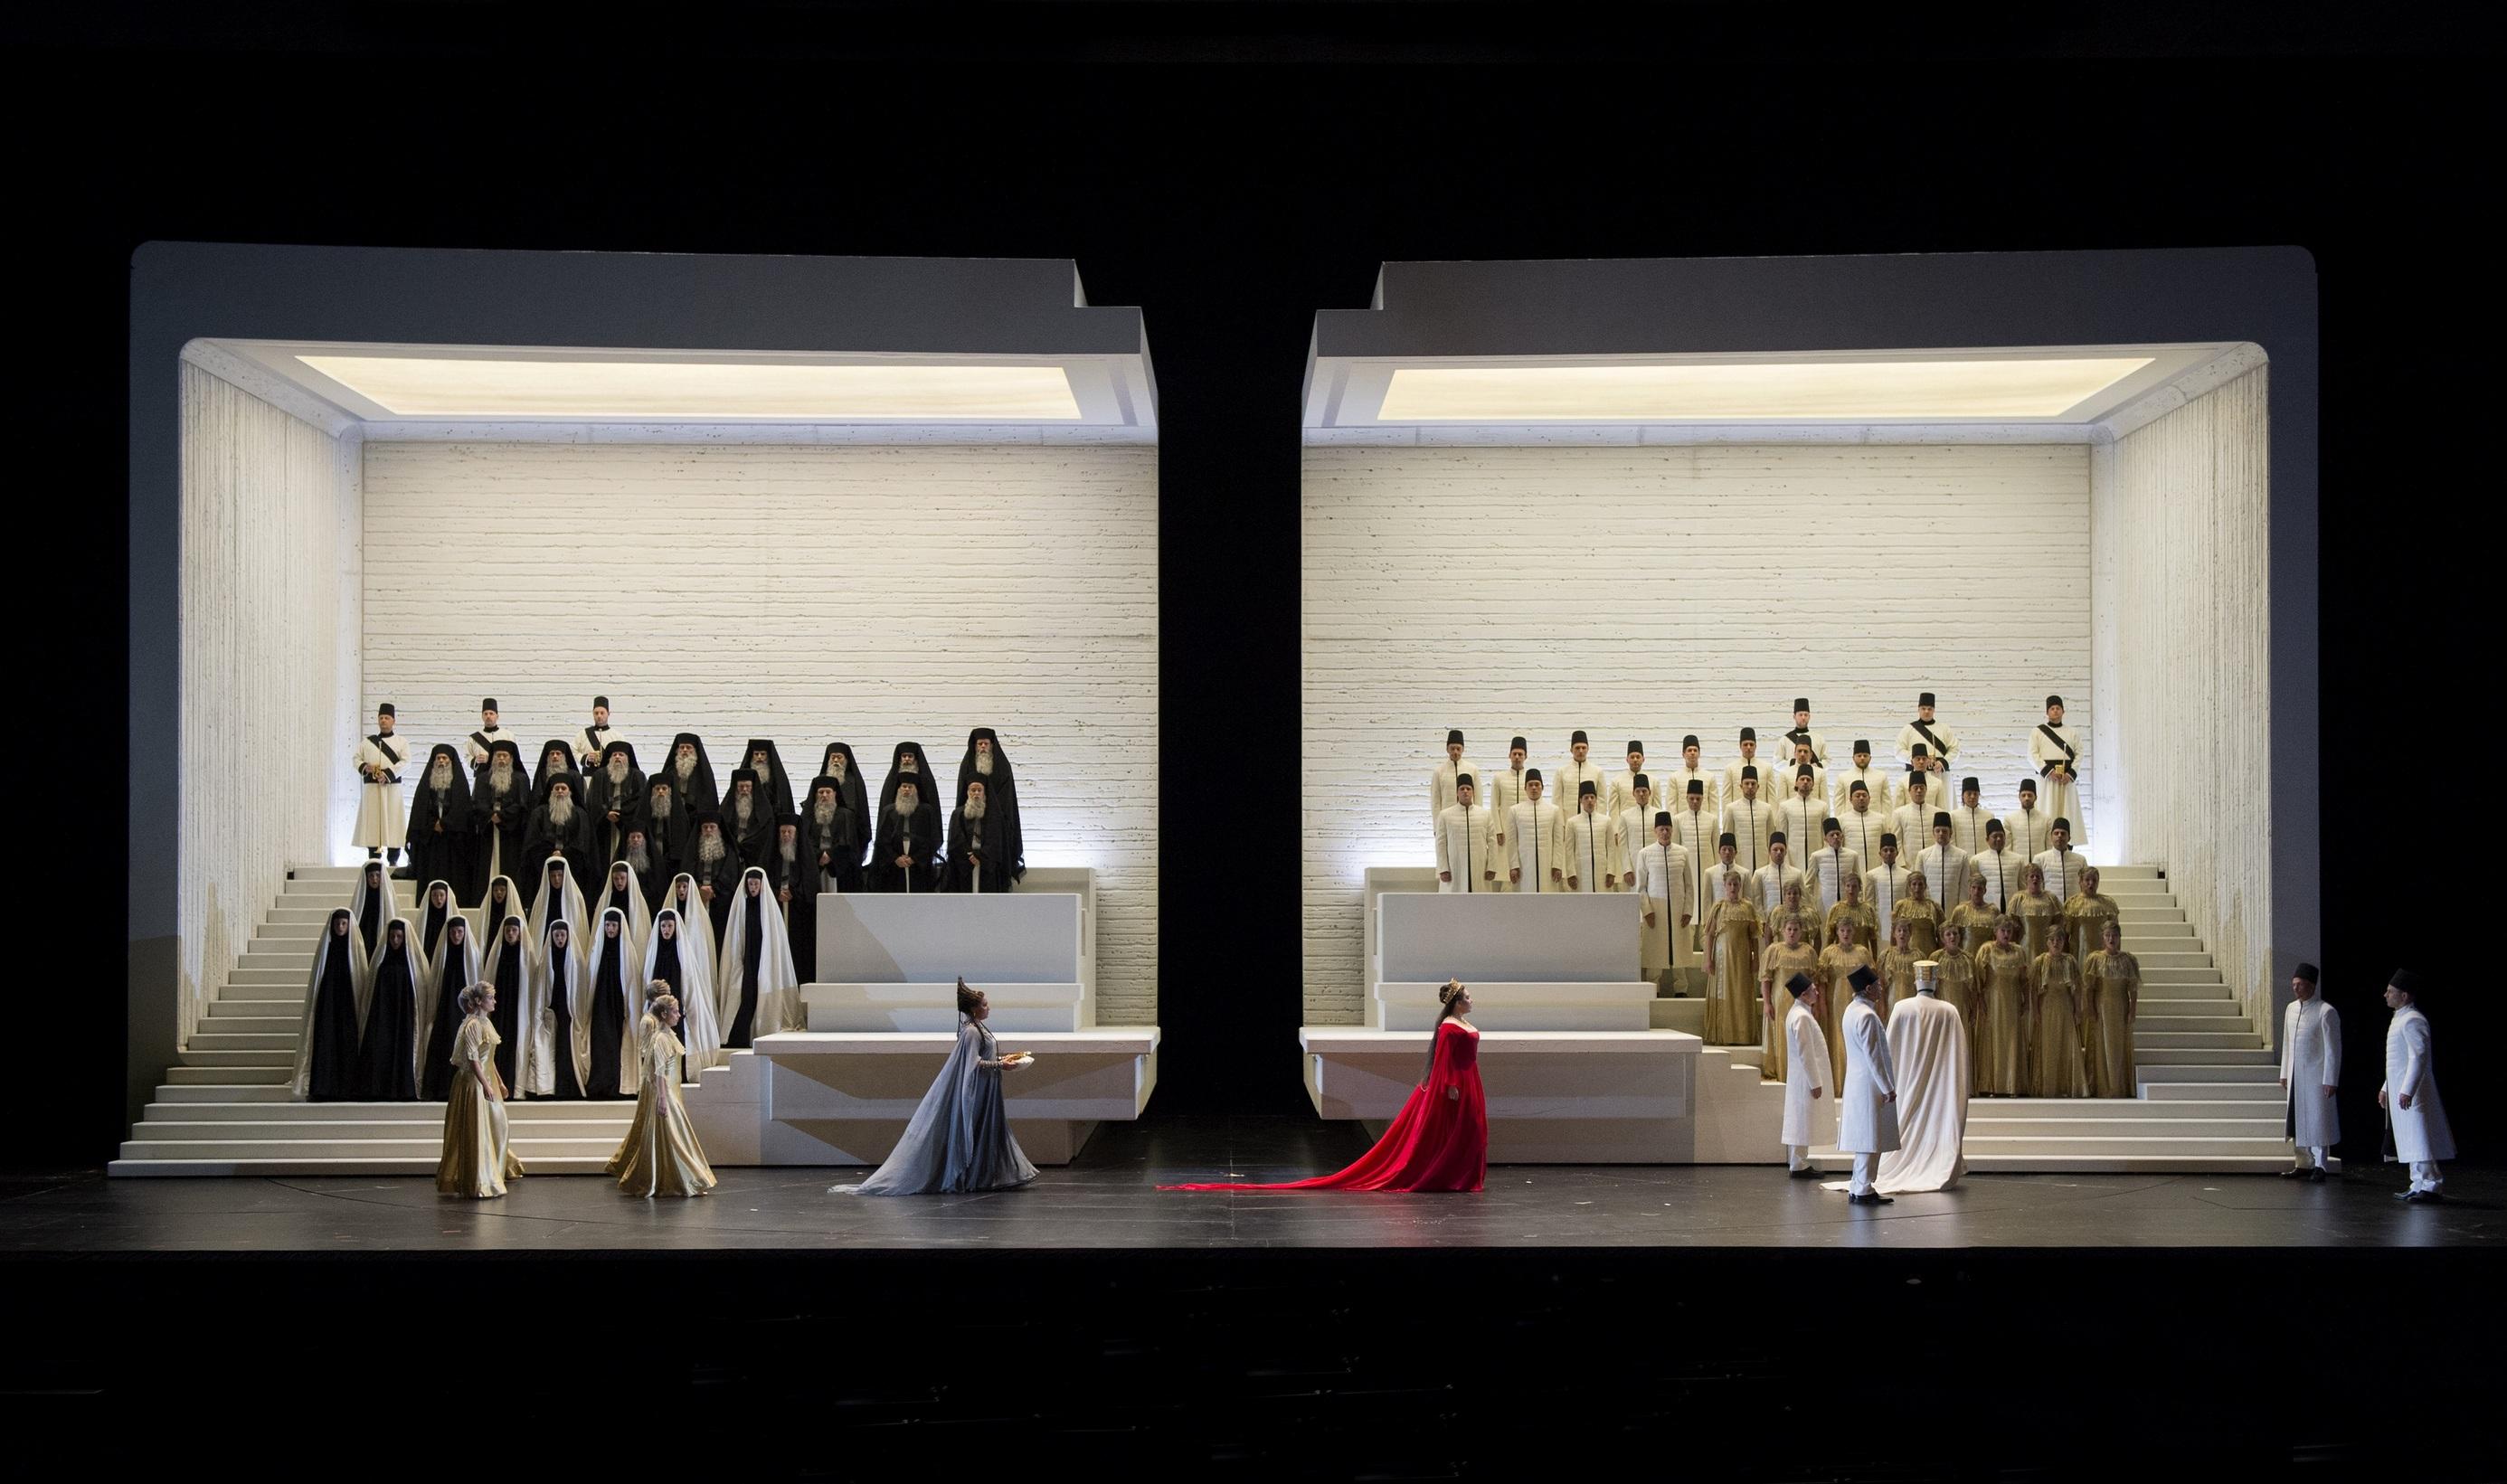 ביצוע הגדולים והטובים שבמוסיקאי האופרה הפועלים היום. תמונה: יחסי ציבור